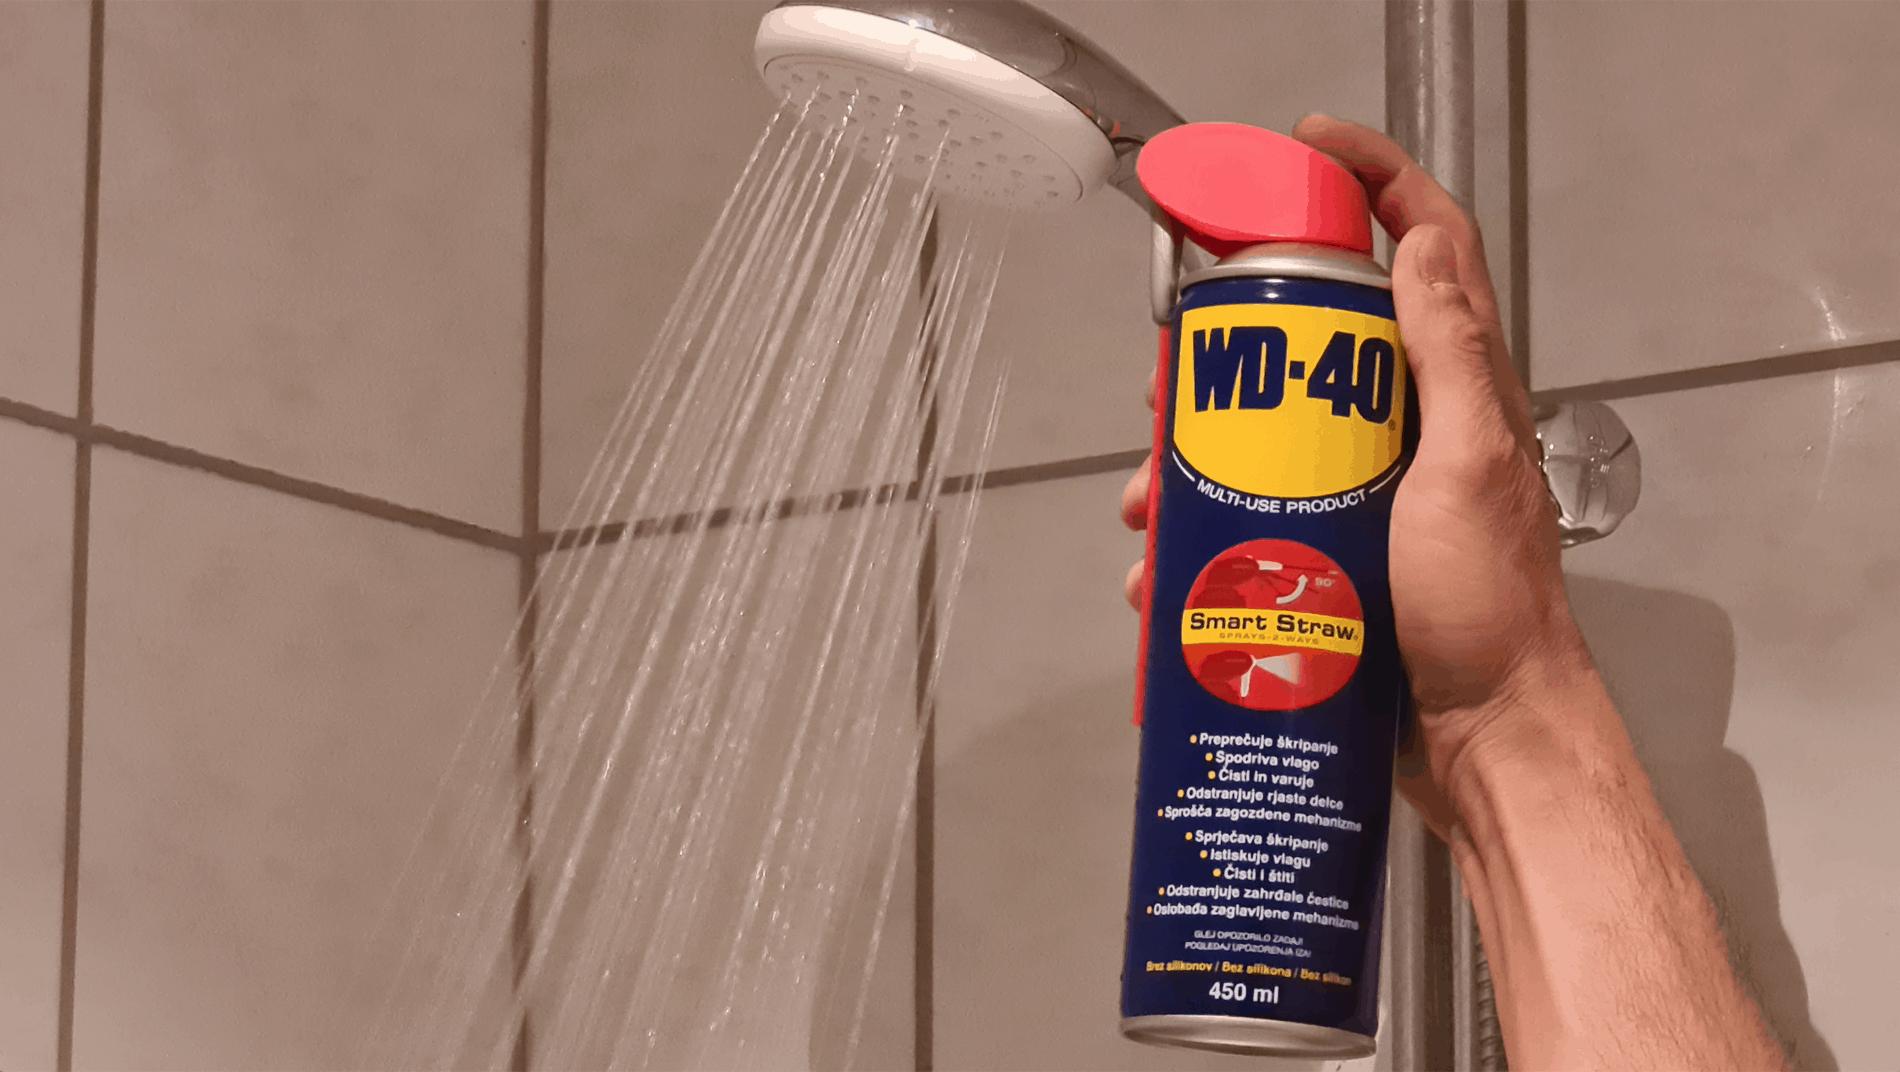 wd40 multiuse kopalnica 1900x